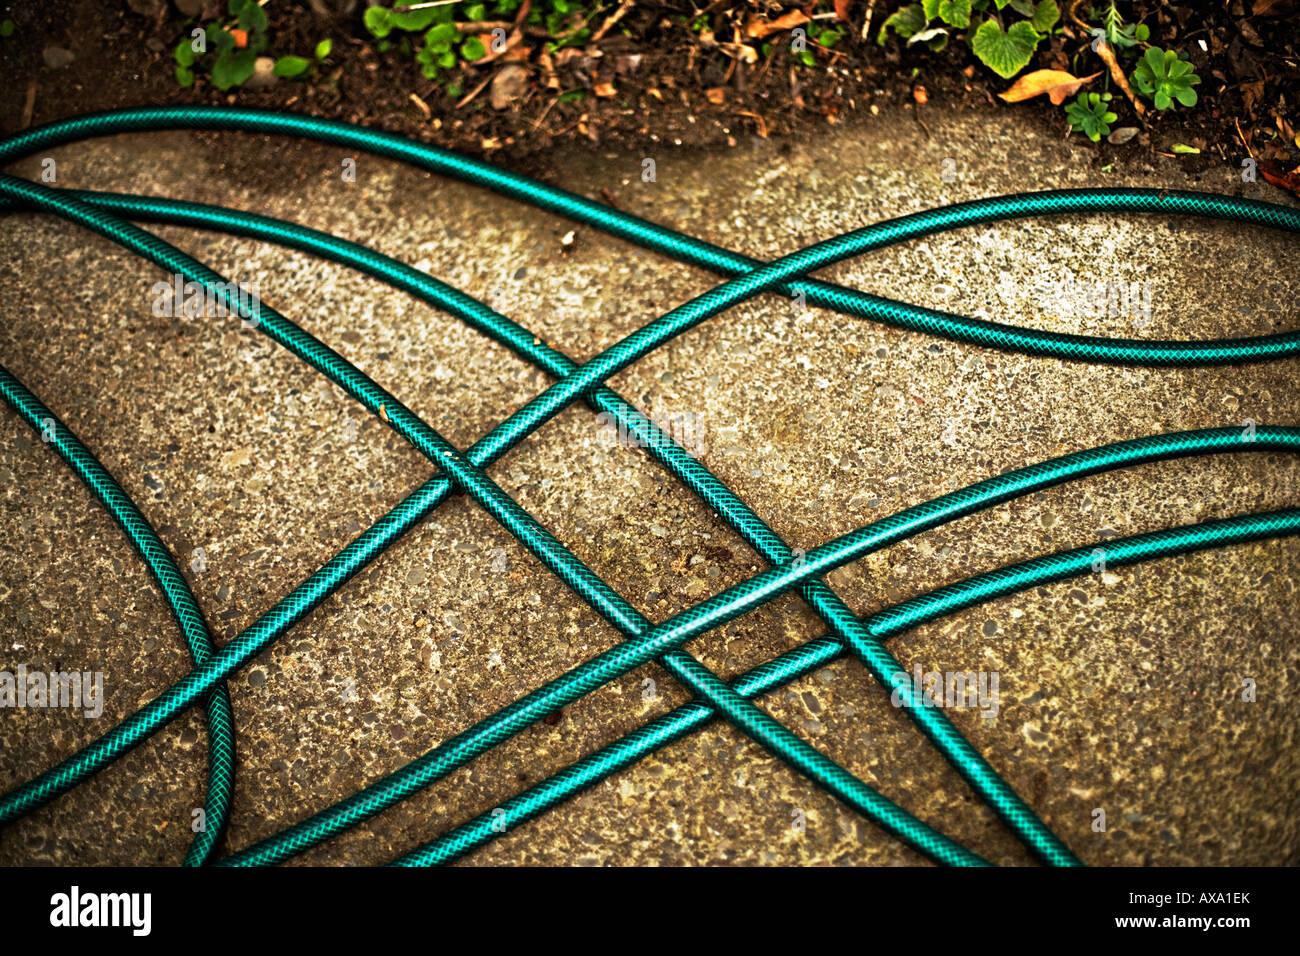 Giardino tubo flessibile sul percorso di calcestruzzo Immagini Stock